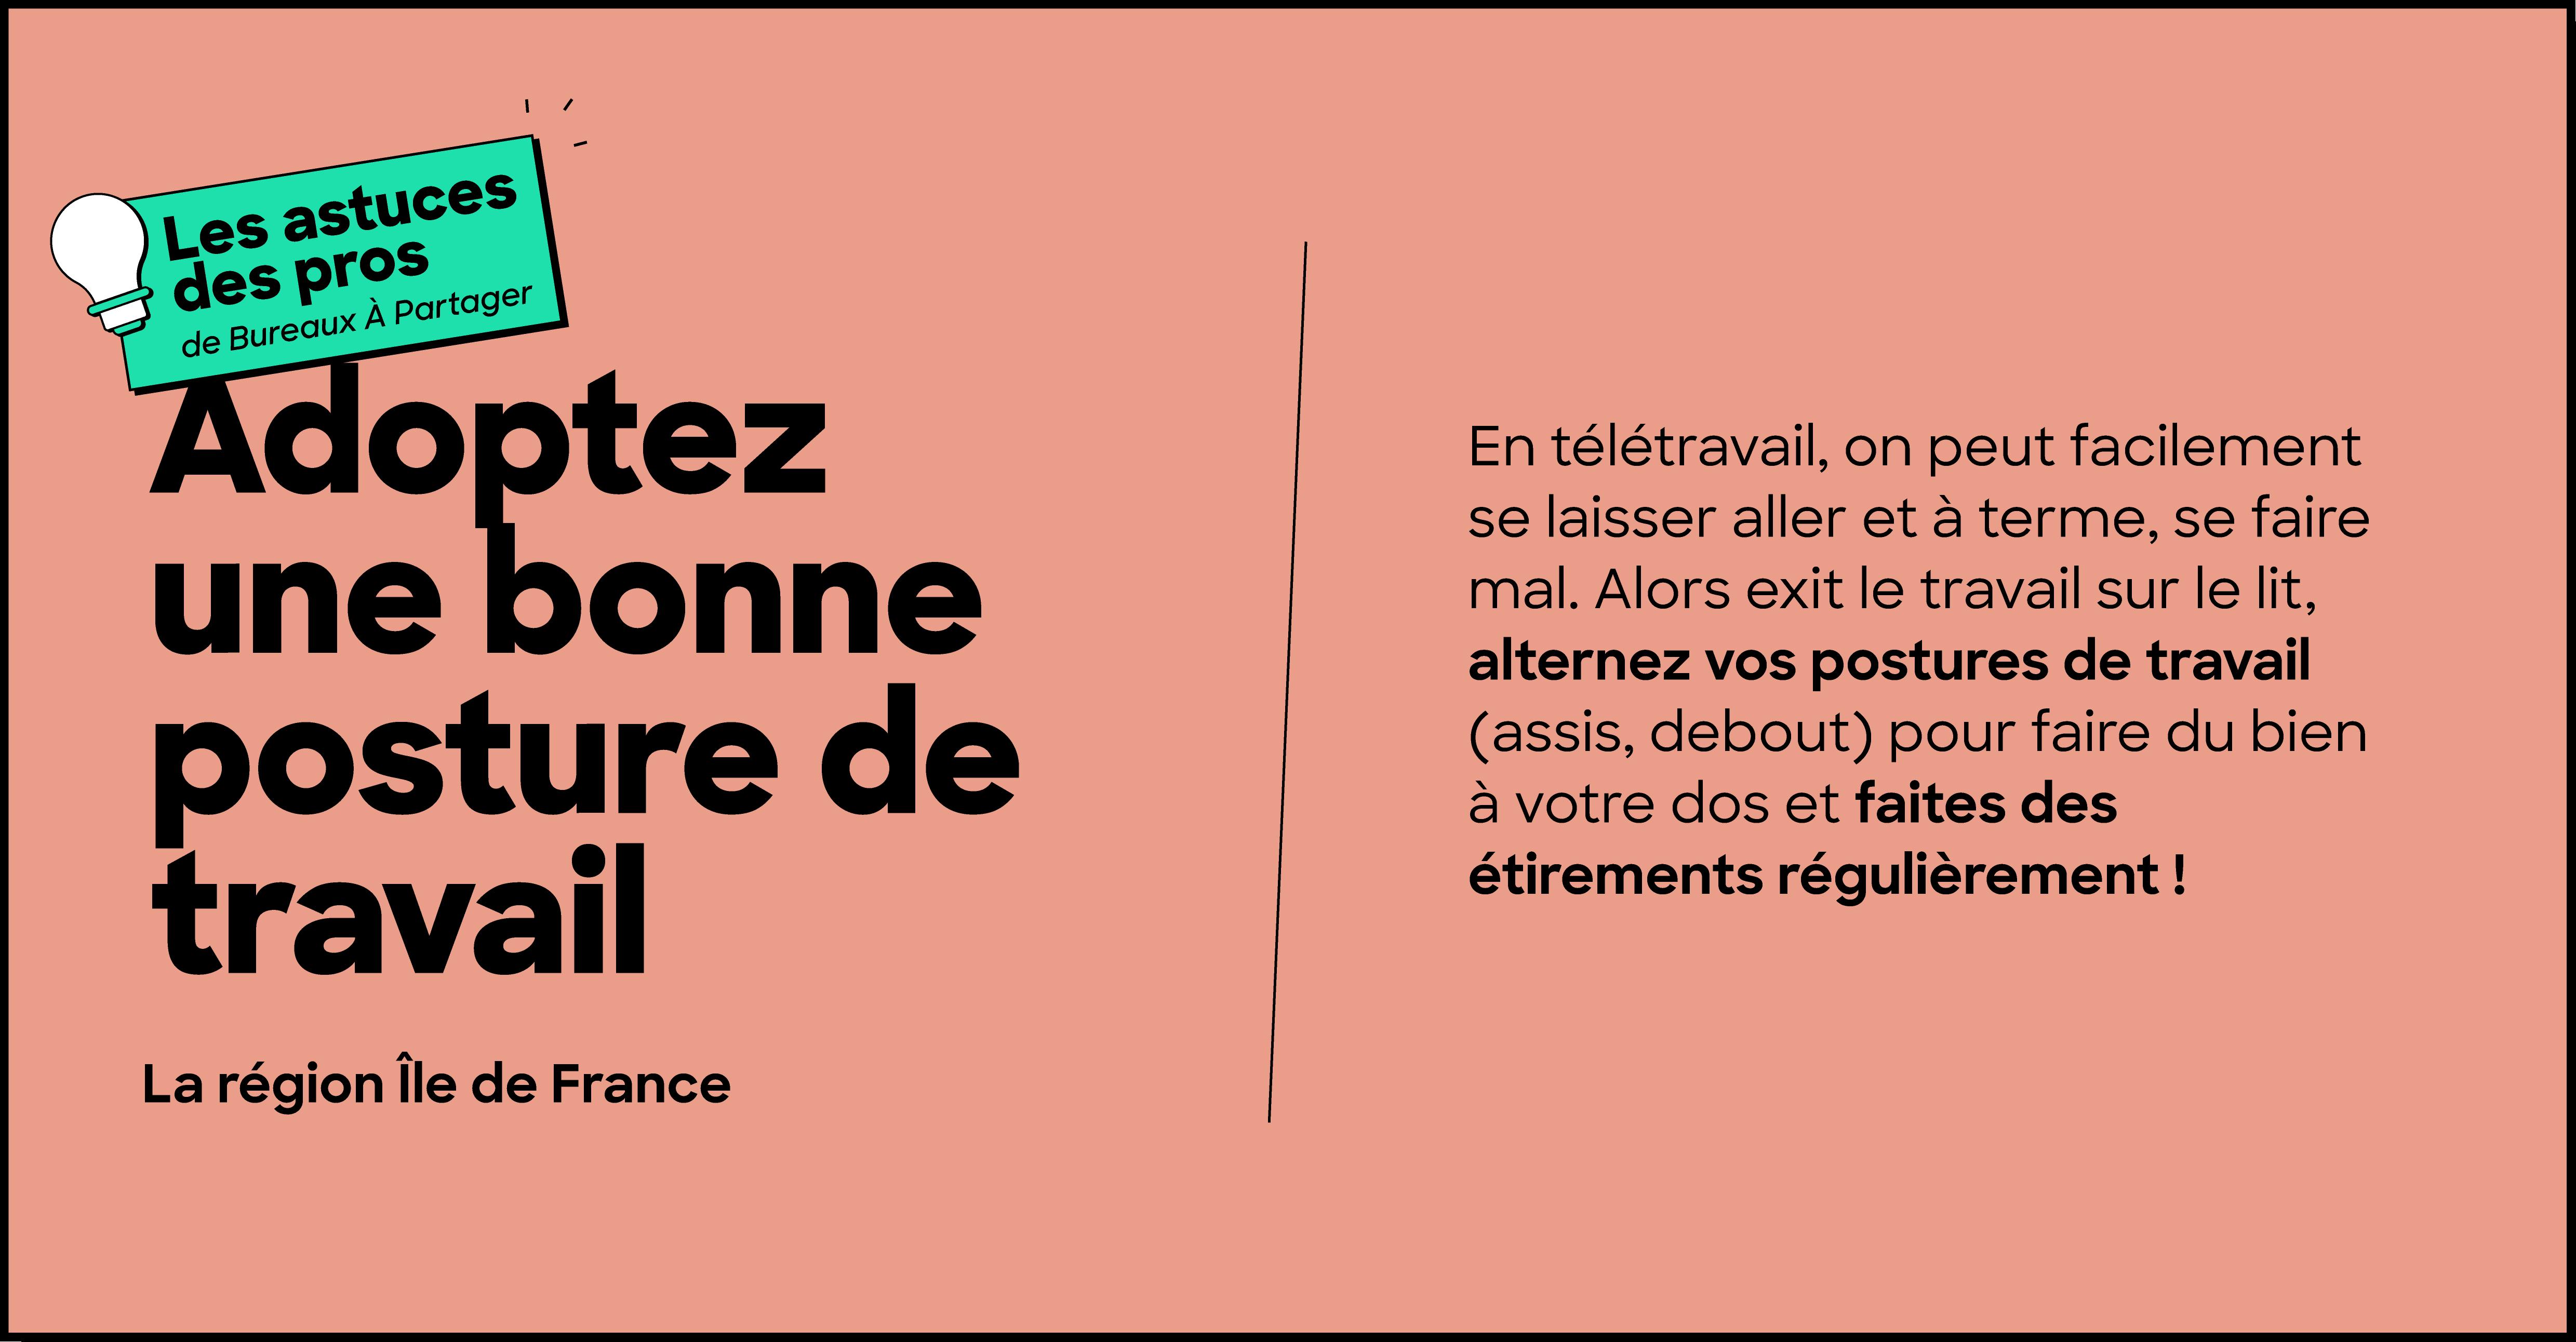 les astuces des pros du télétravail de la région île de France